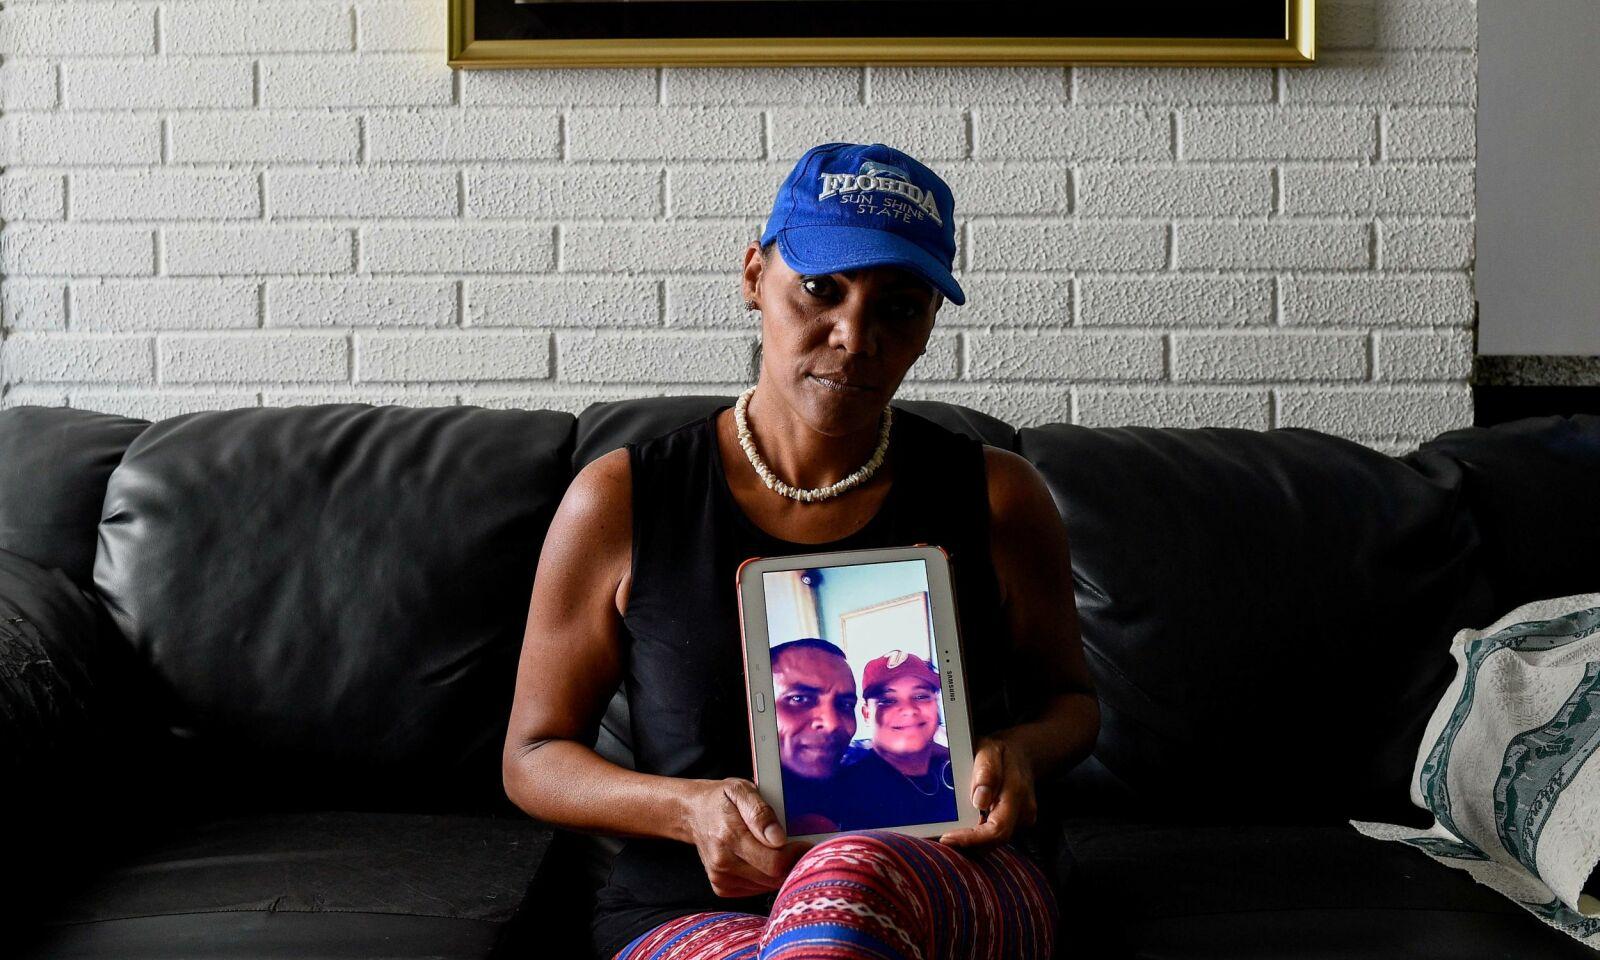 SITTER IGJEN: Yamileth Marcano viser fram et bilde av broren som ble drept av ranere som ville ta fra ham telefonen sin. Foto: AFP / NTB Scanpix.